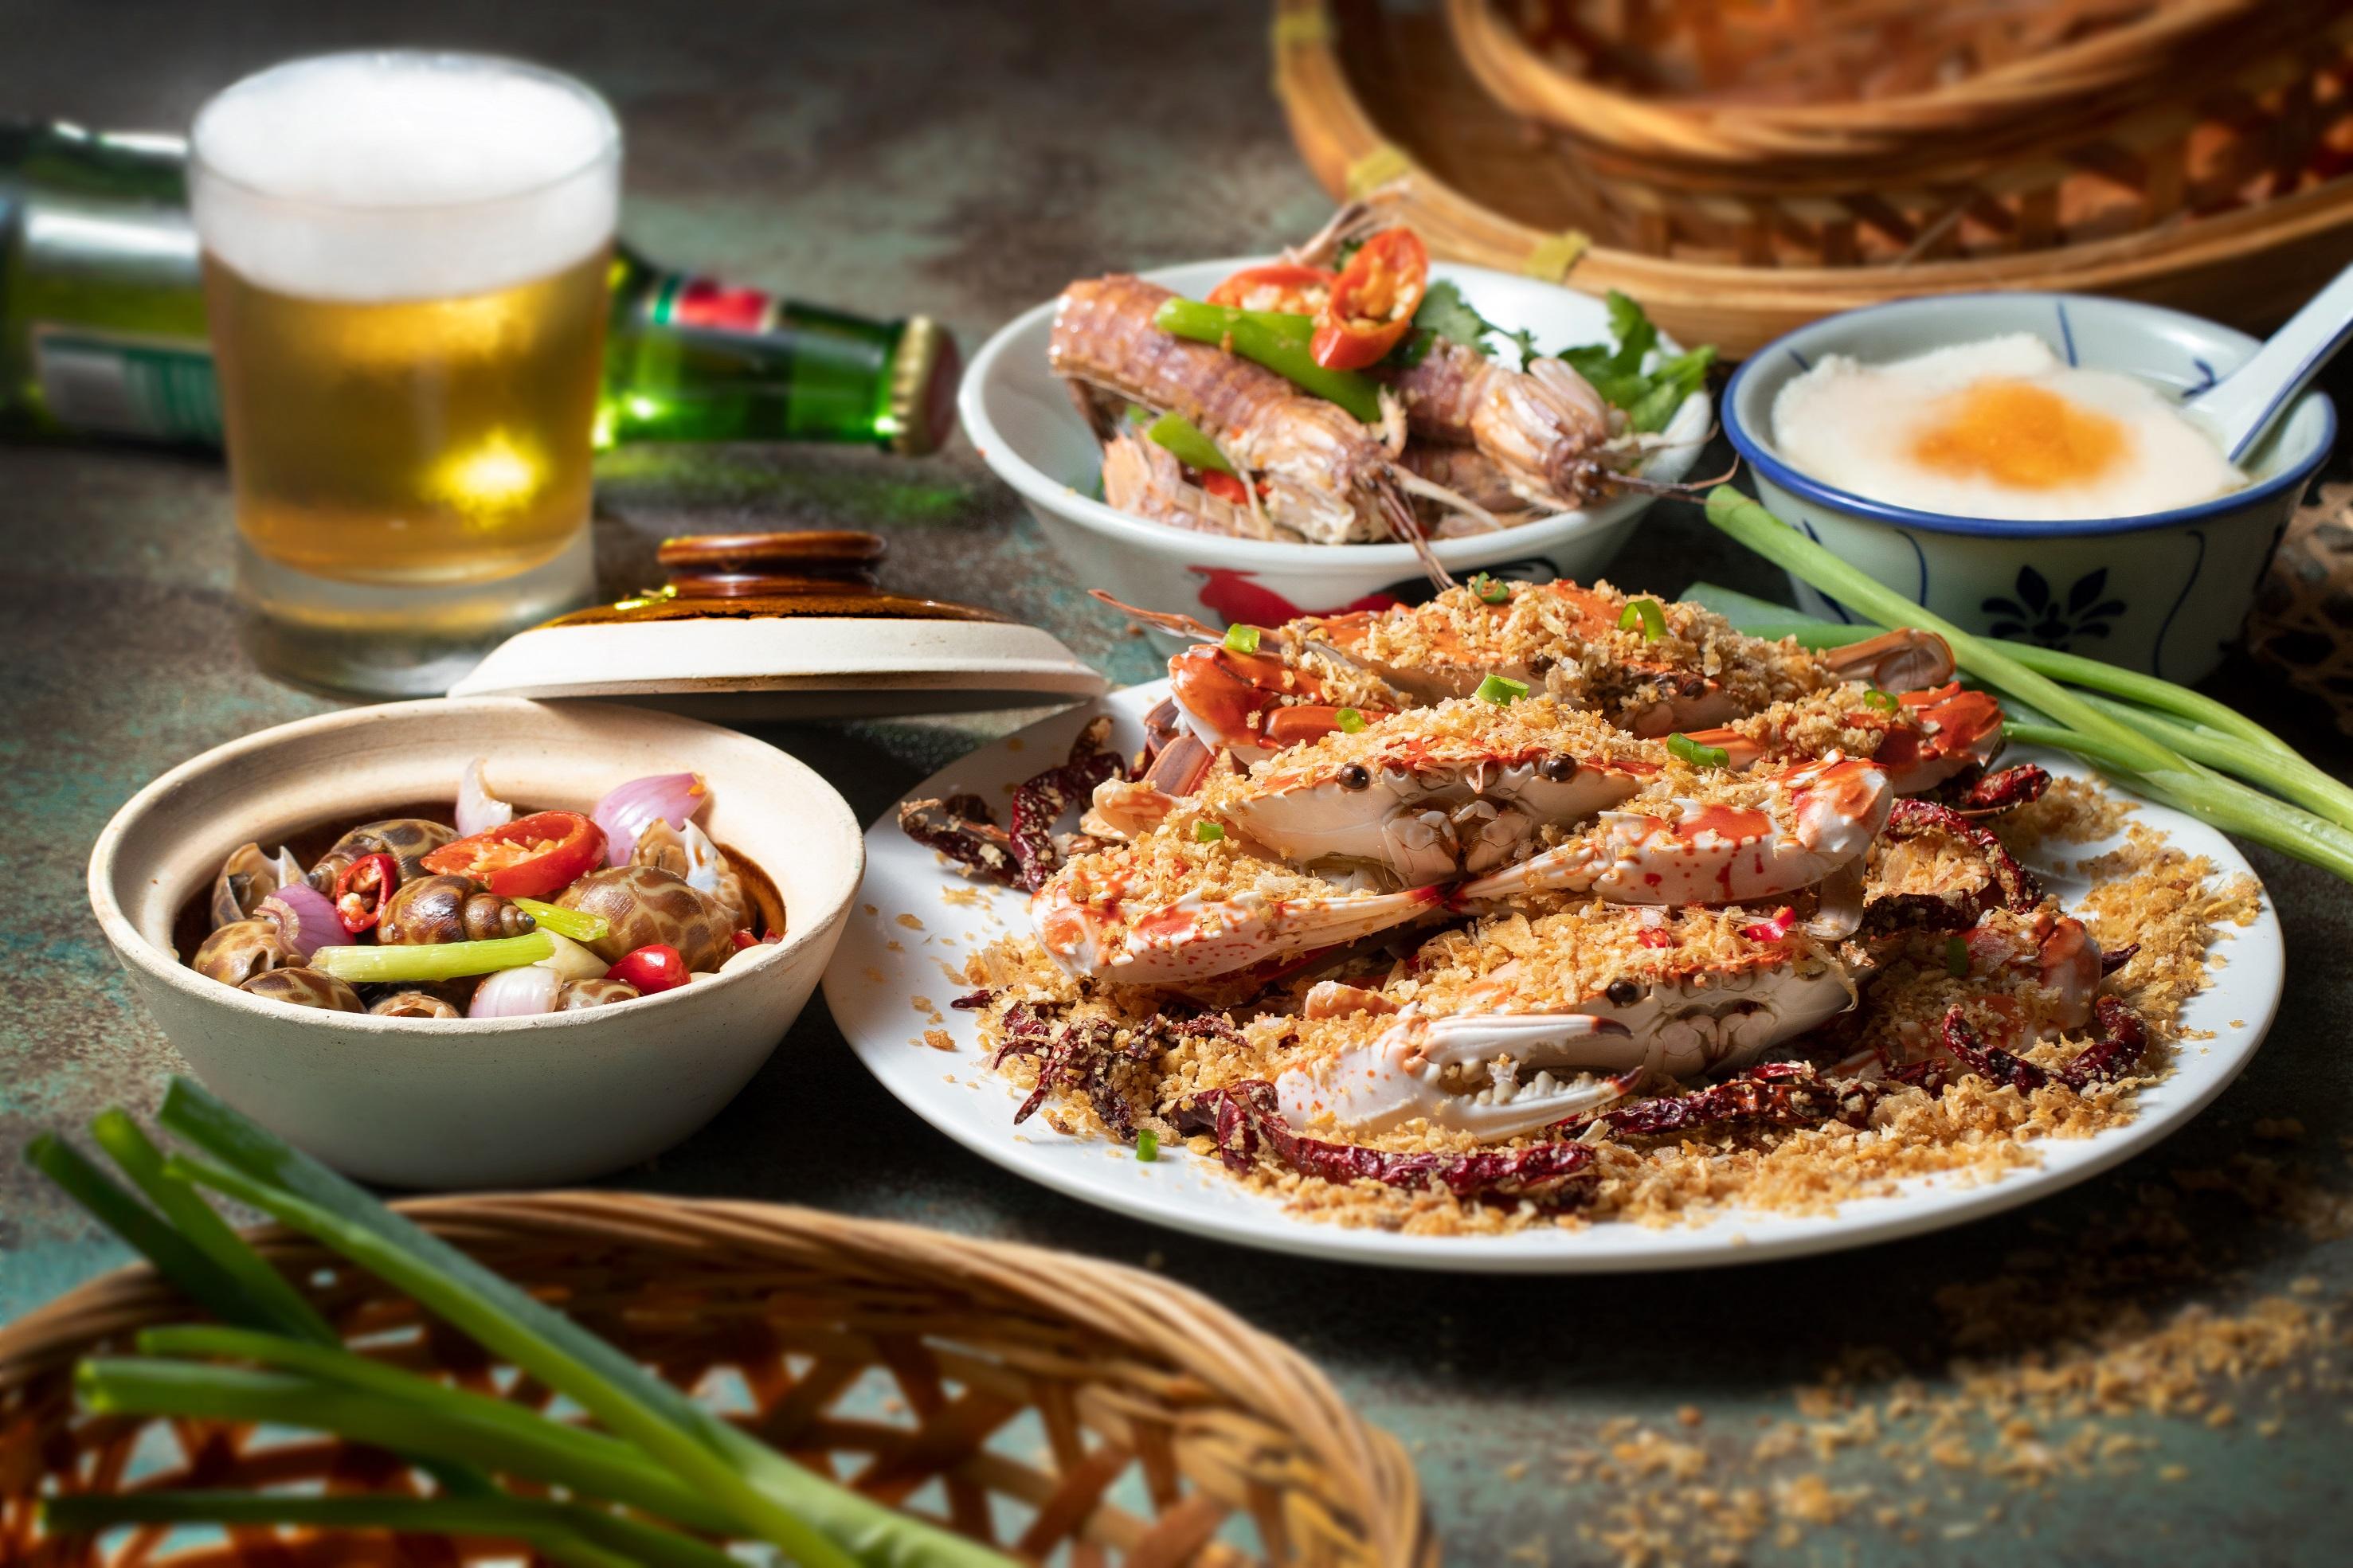 CYST_Hong Kong Nostalgia Dinner Buffet